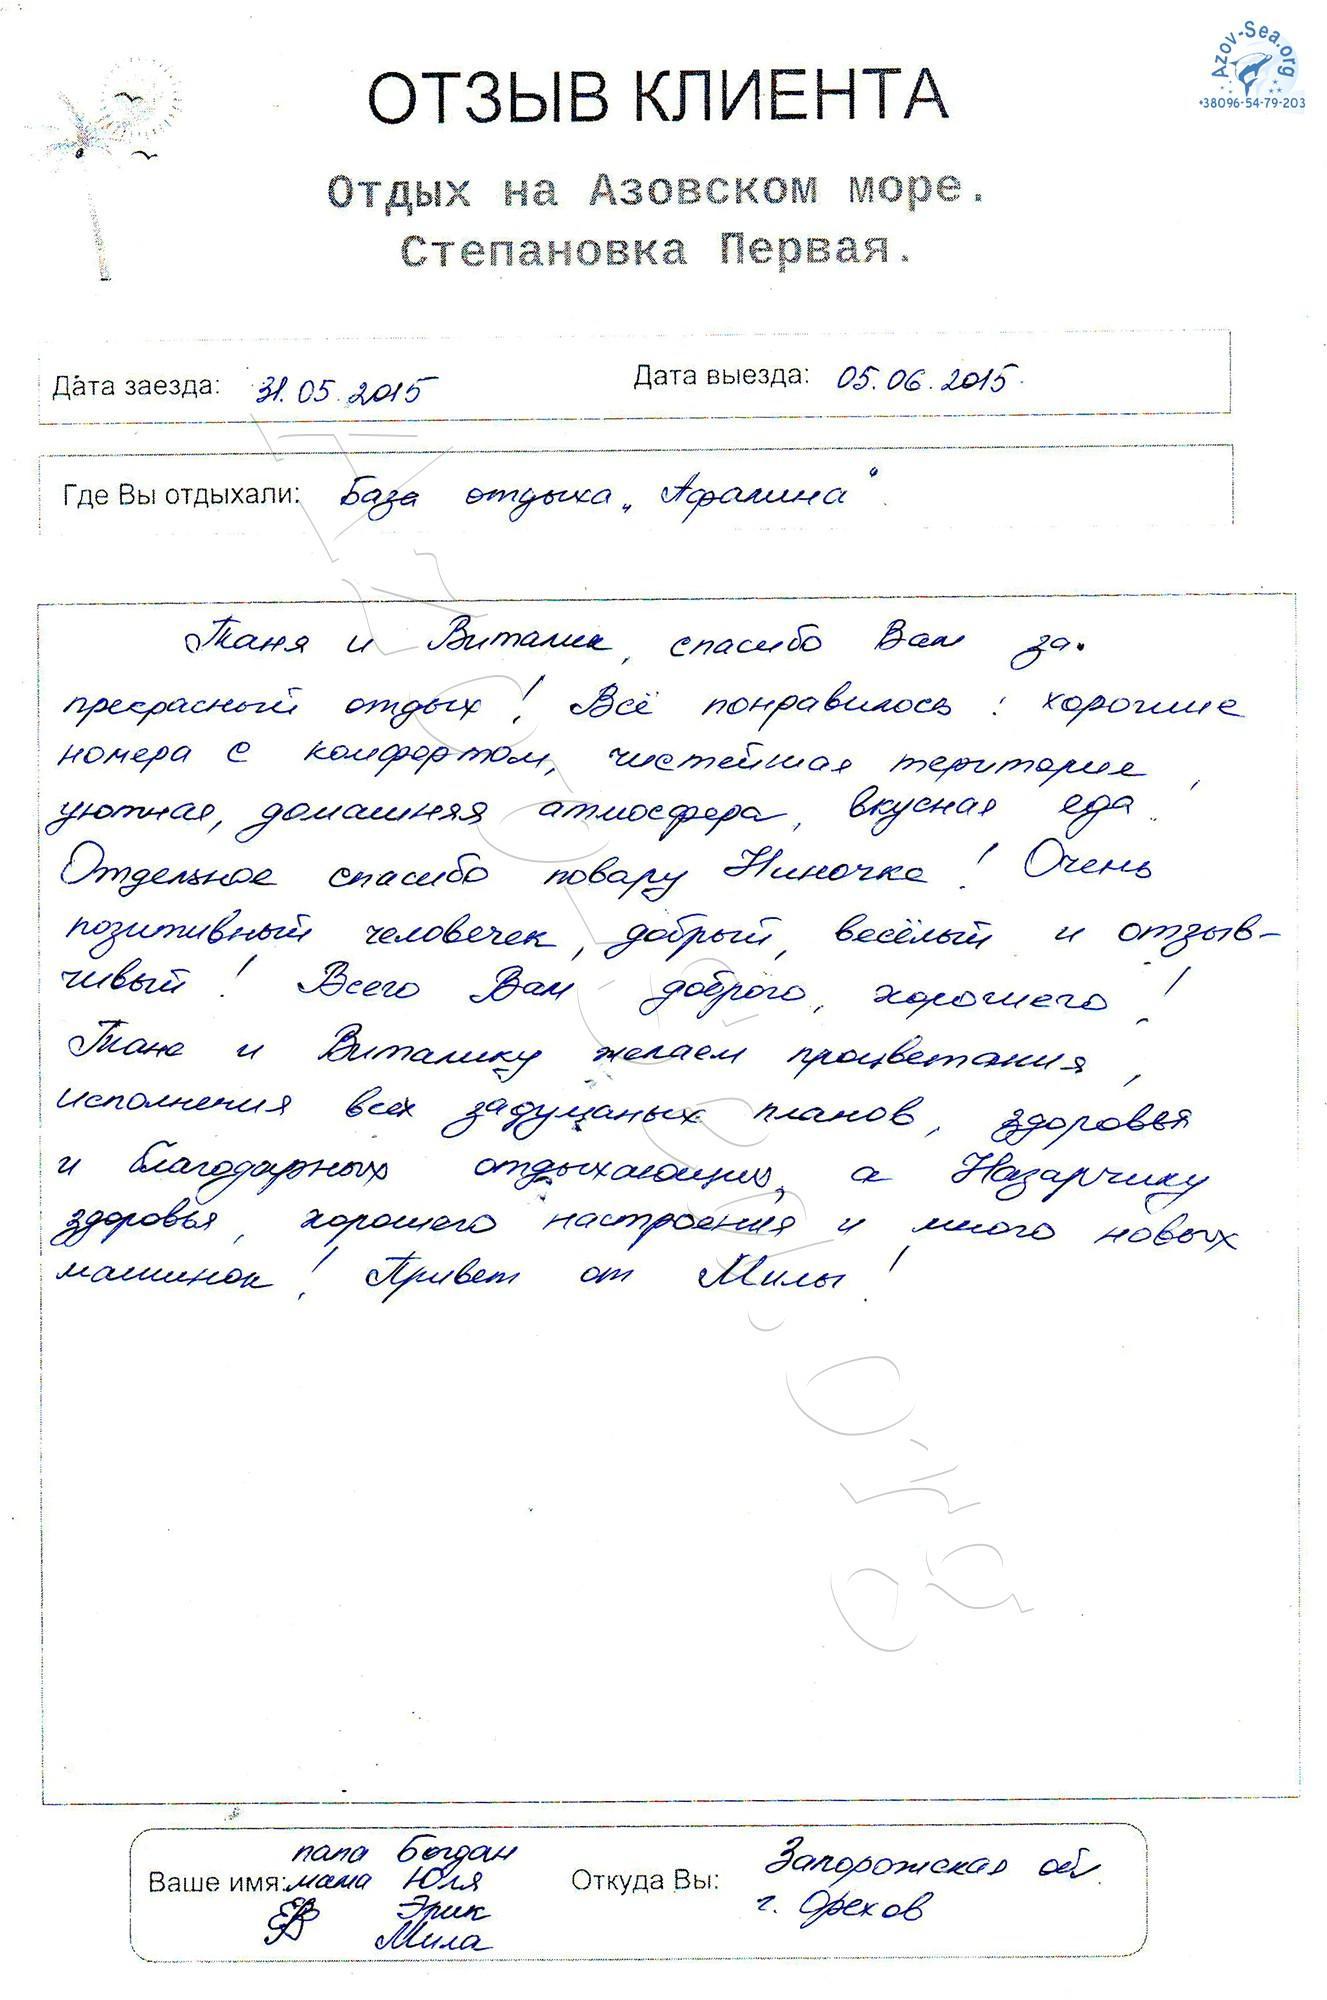 Степановка Первая